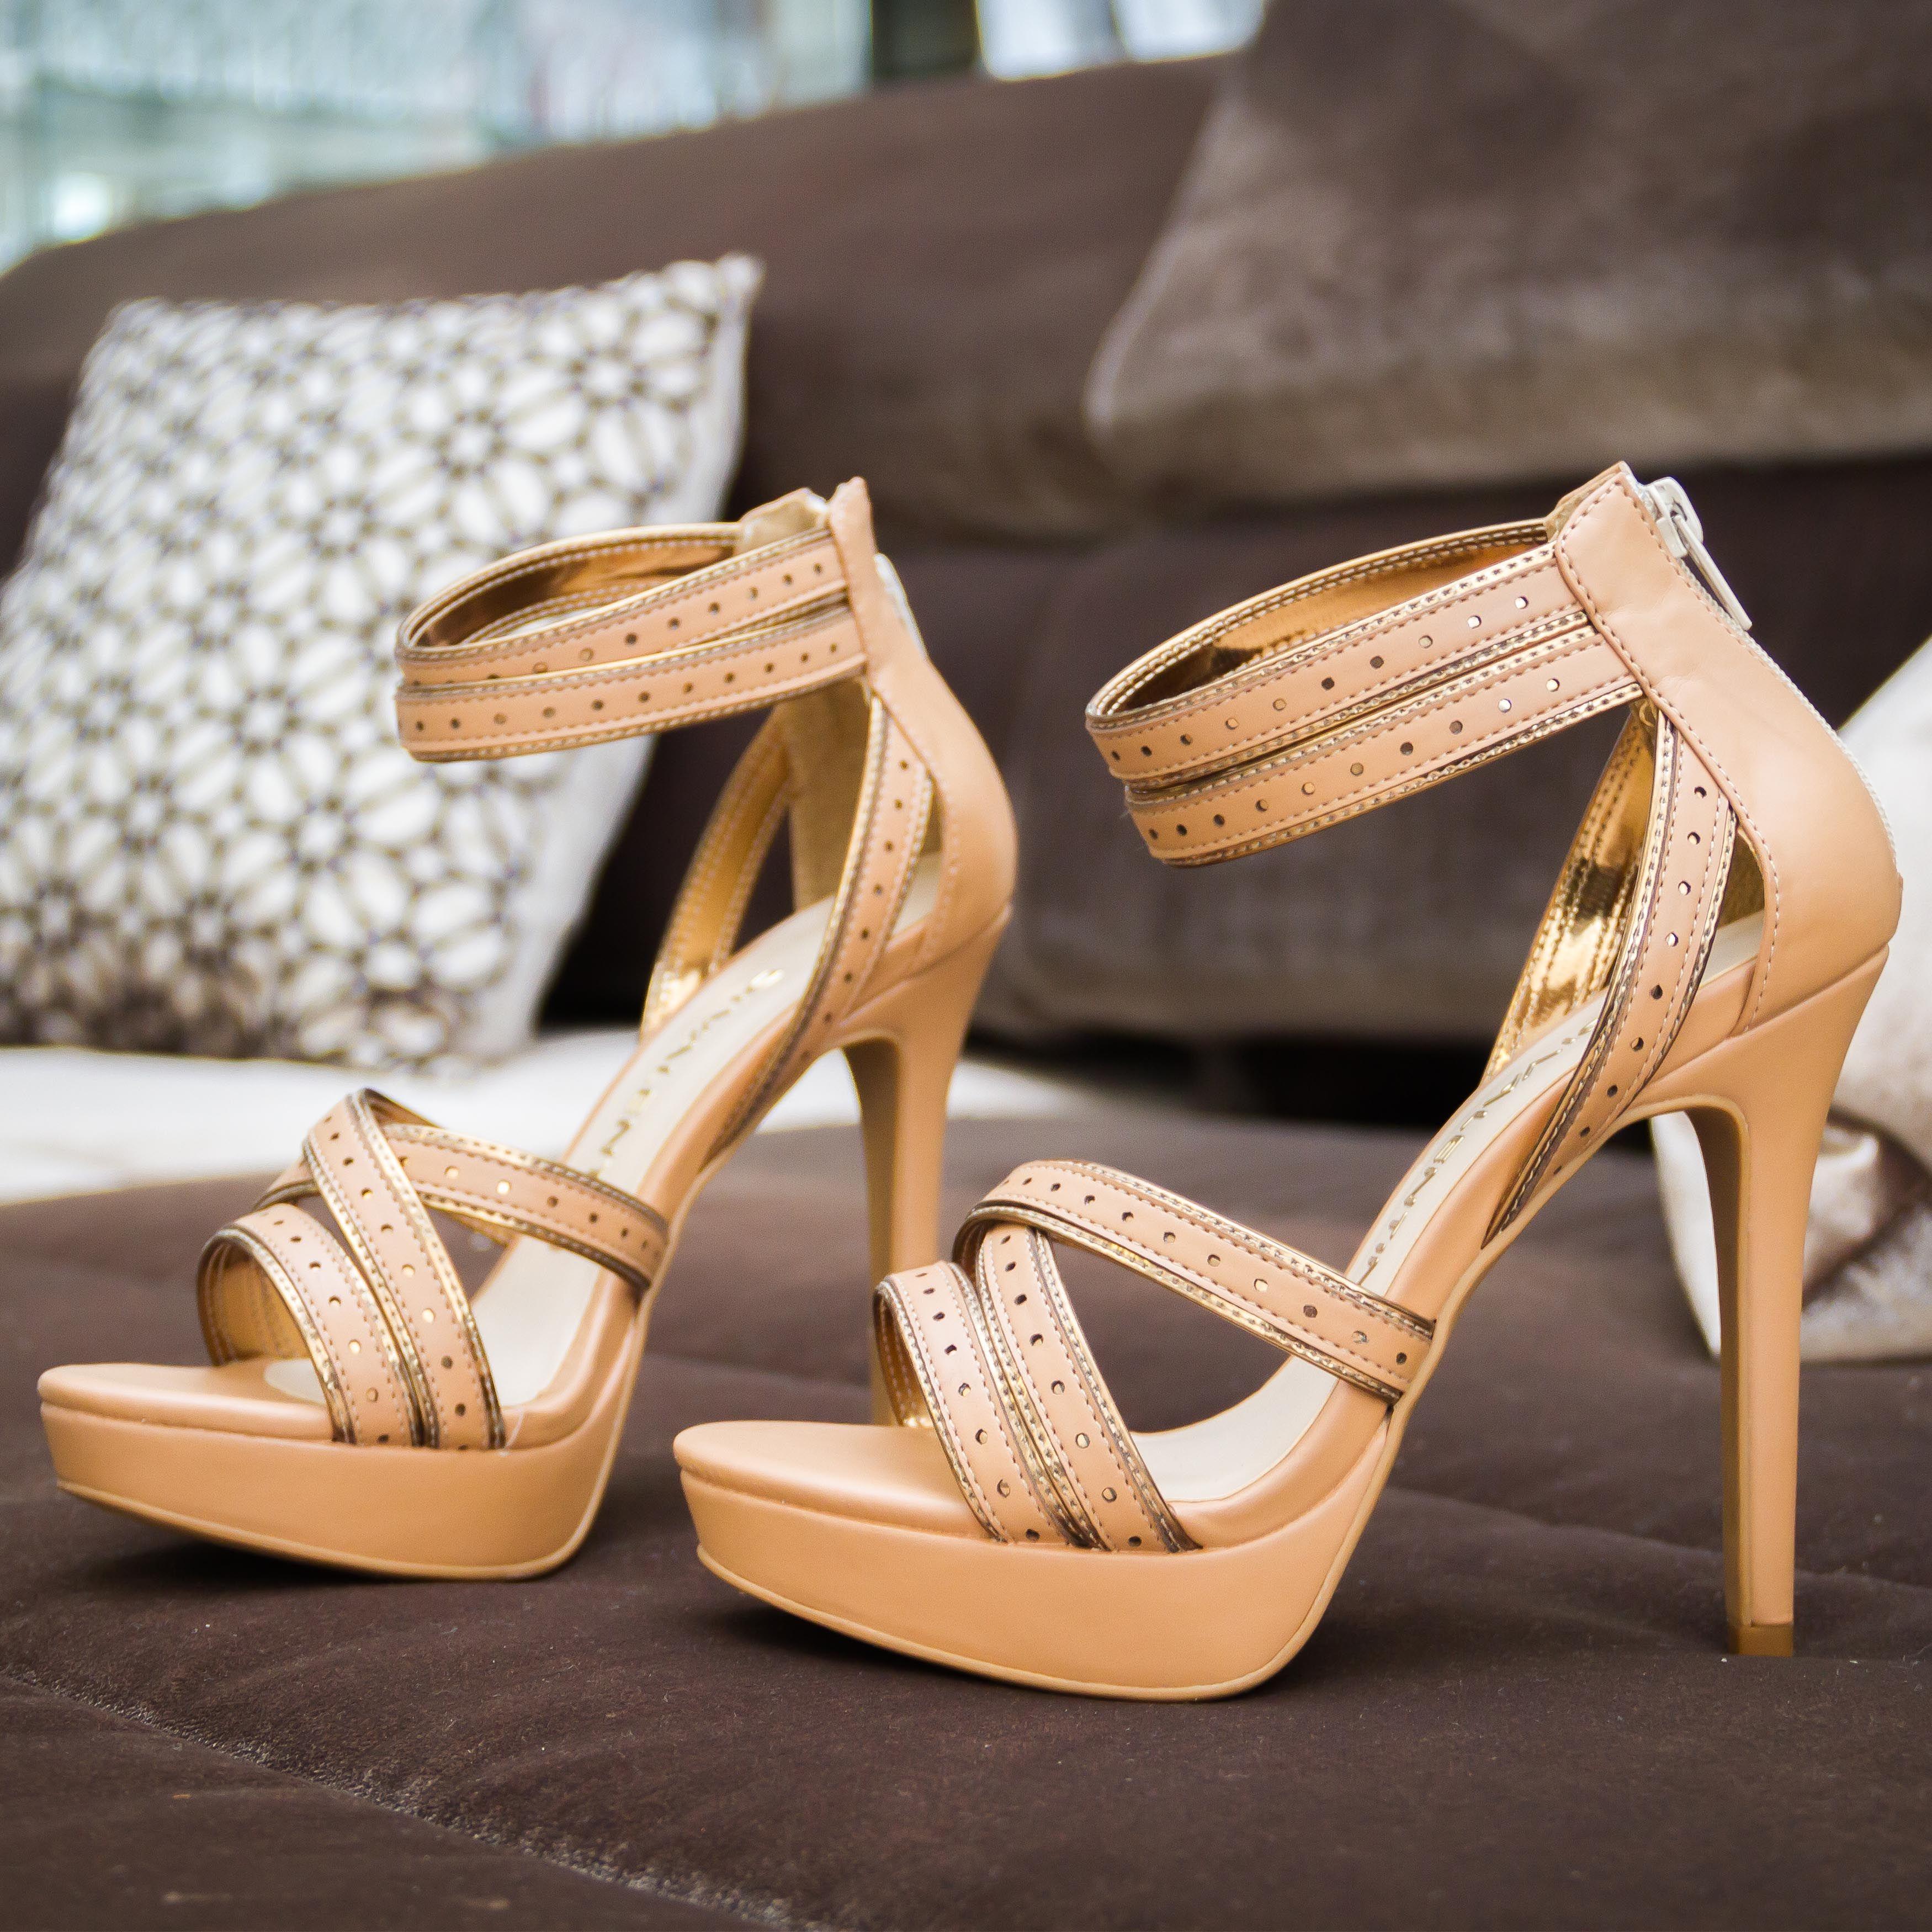 Clássica! Não pode faltar no seu closet ♥ #divalentini #shoes #love